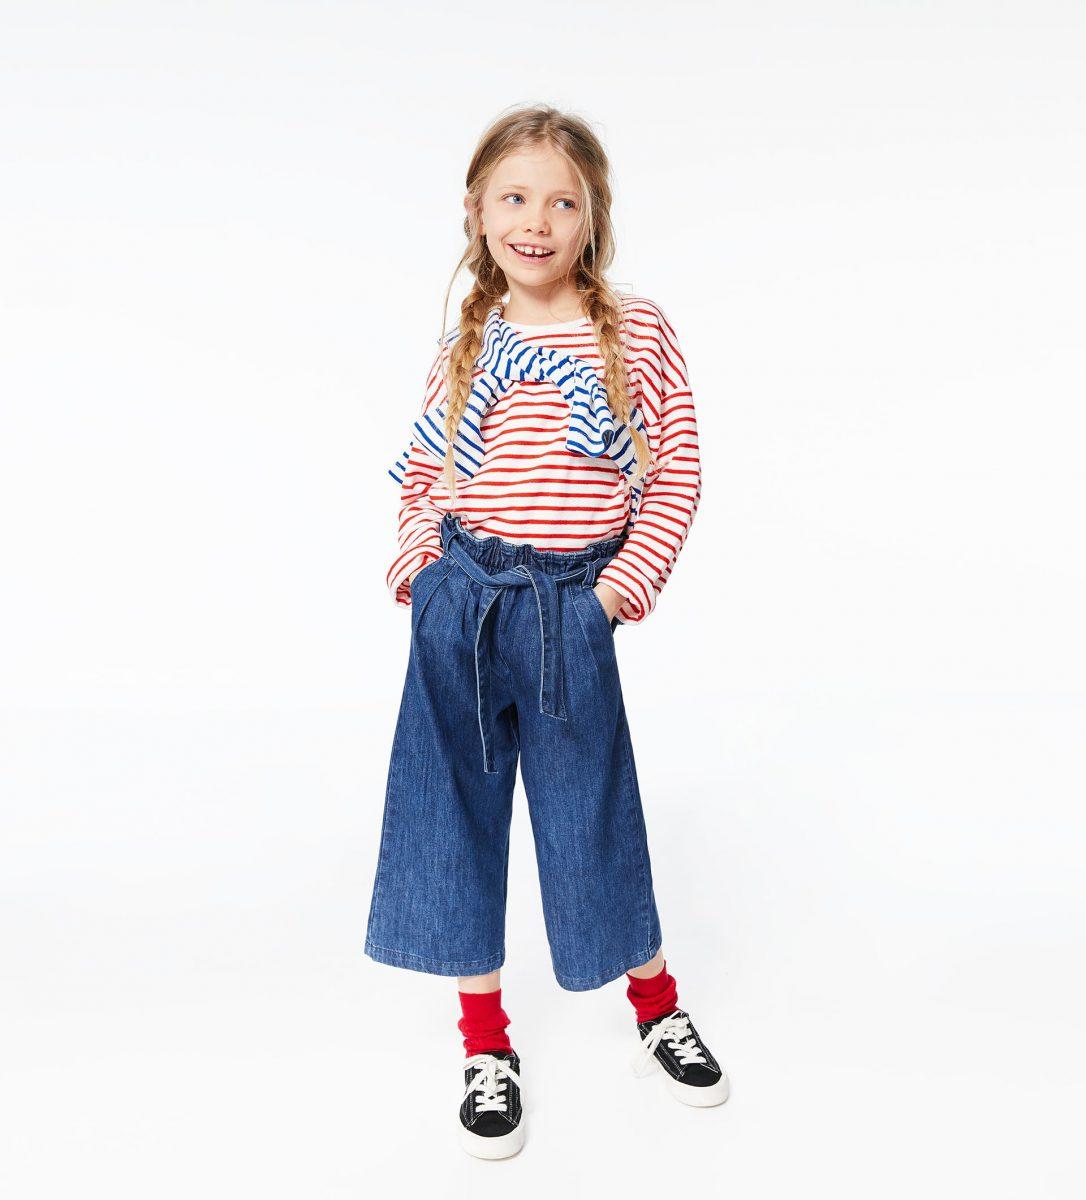 più recente 36f1a 23e19 Zara Kids primavera-estate 2018 - Mammaholic